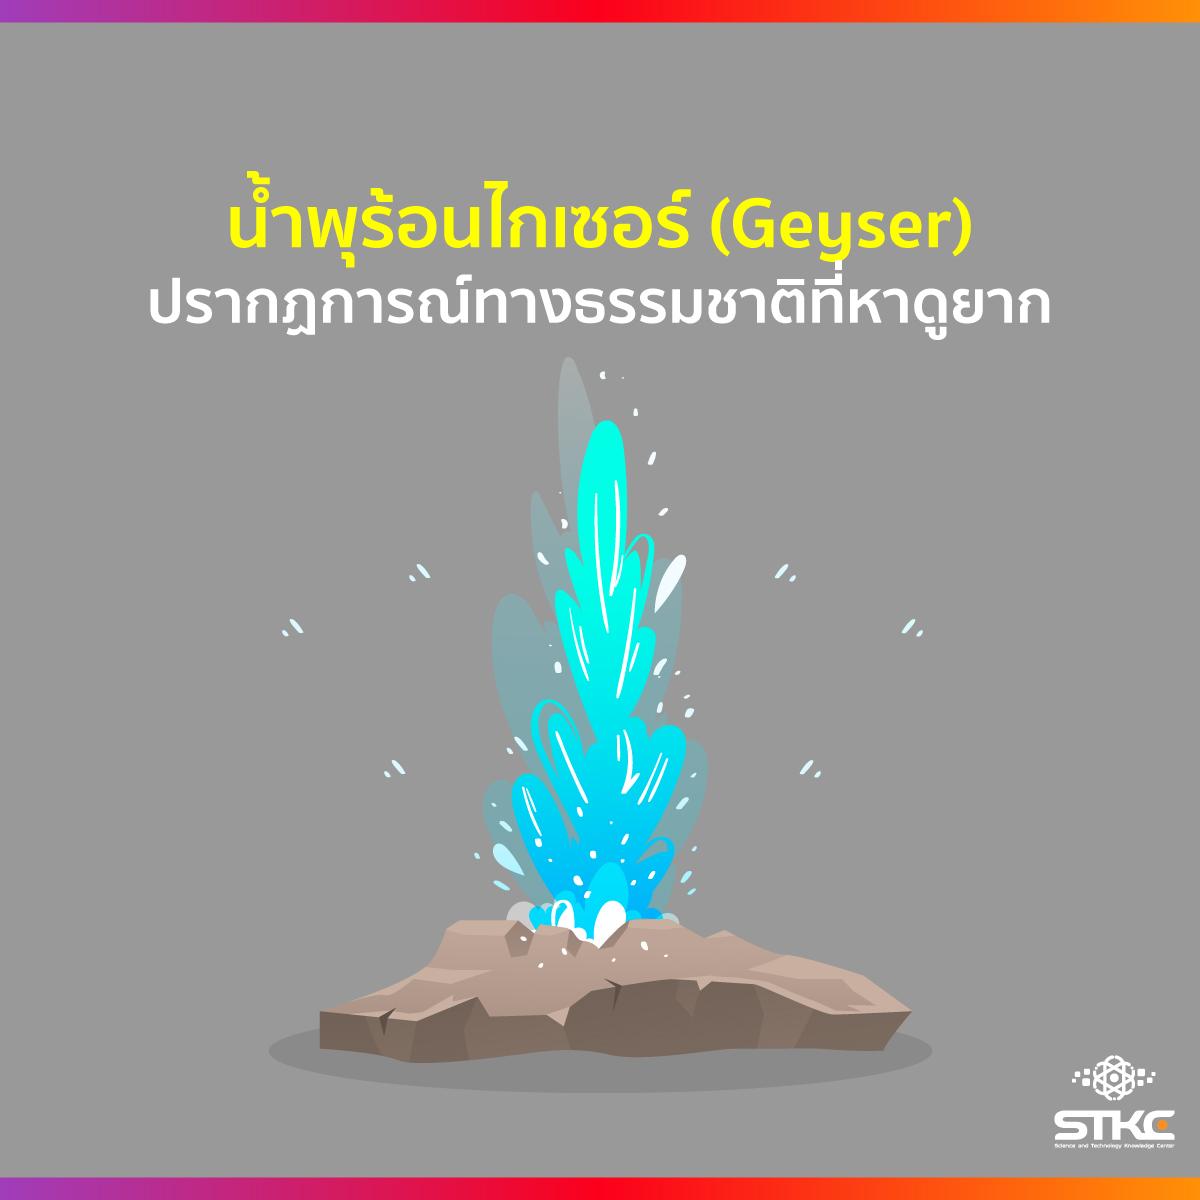 น้ำพุร้อนไกเซอร์ (Geyser) ปรากฏการณ์ทางธรรมชาติที่หาดูยากและพบได้เพียงไม่กี่แห่งบนโลก